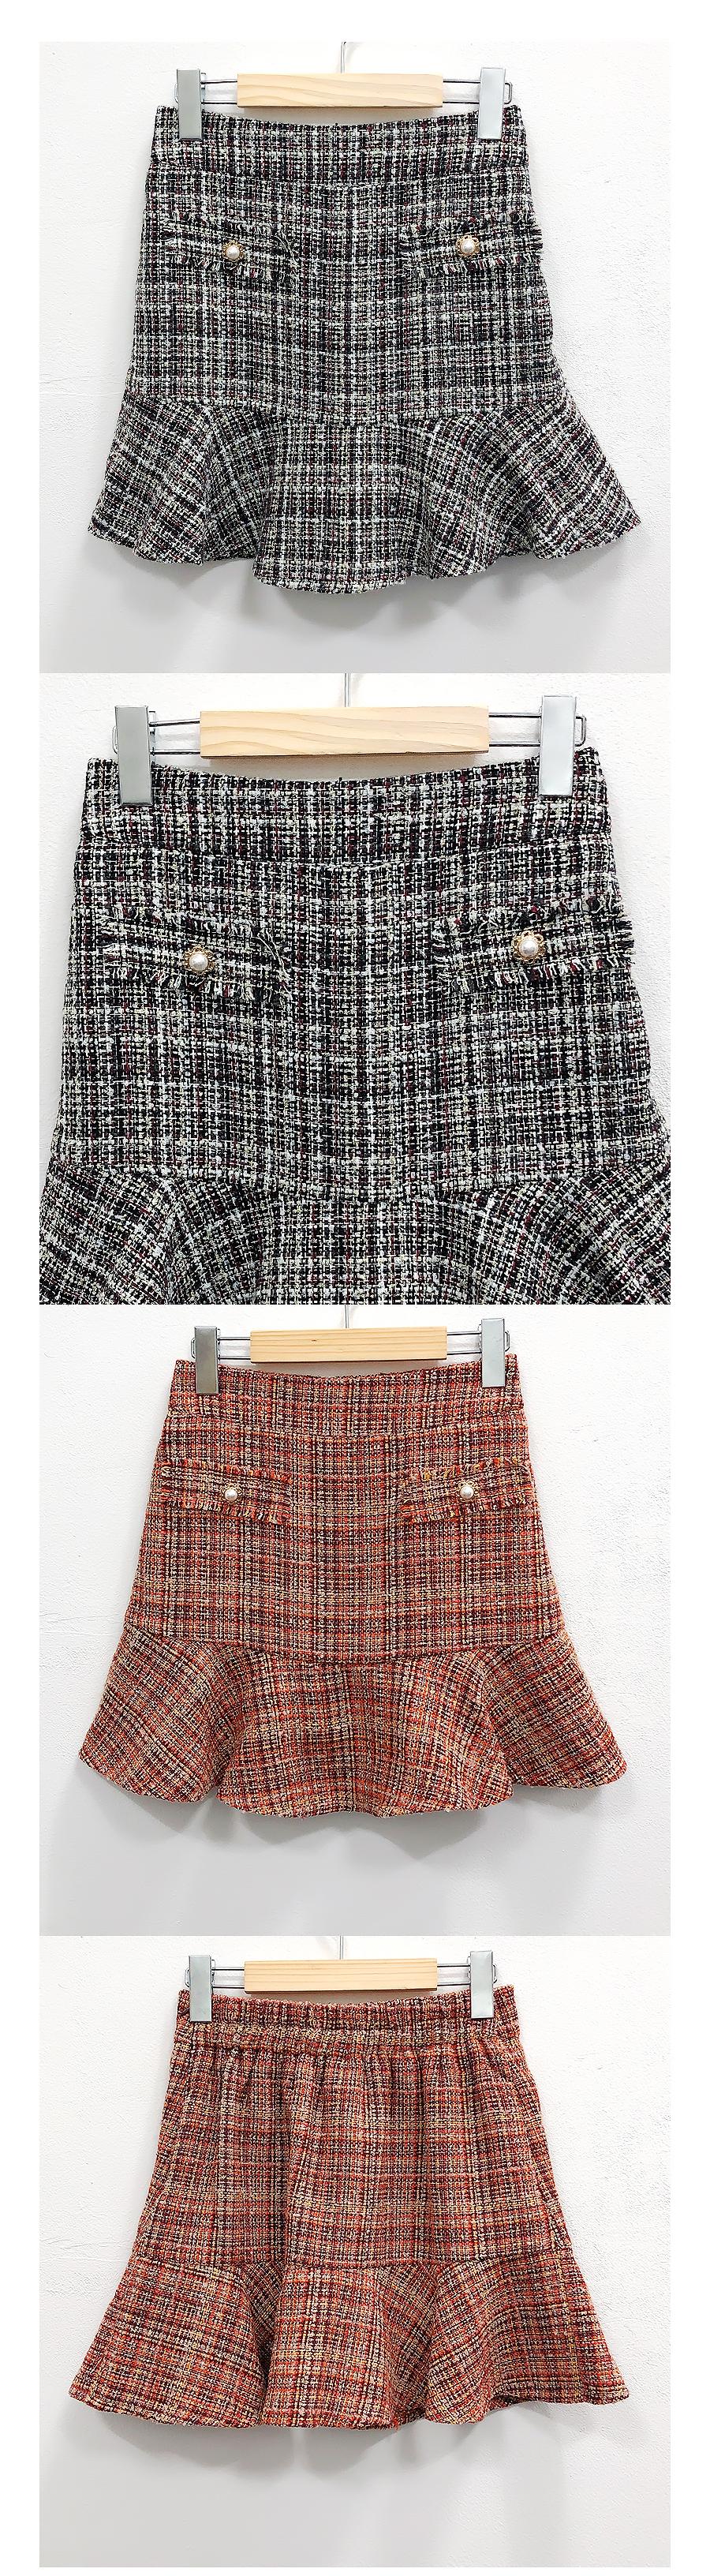 Bring tweed skirt pants